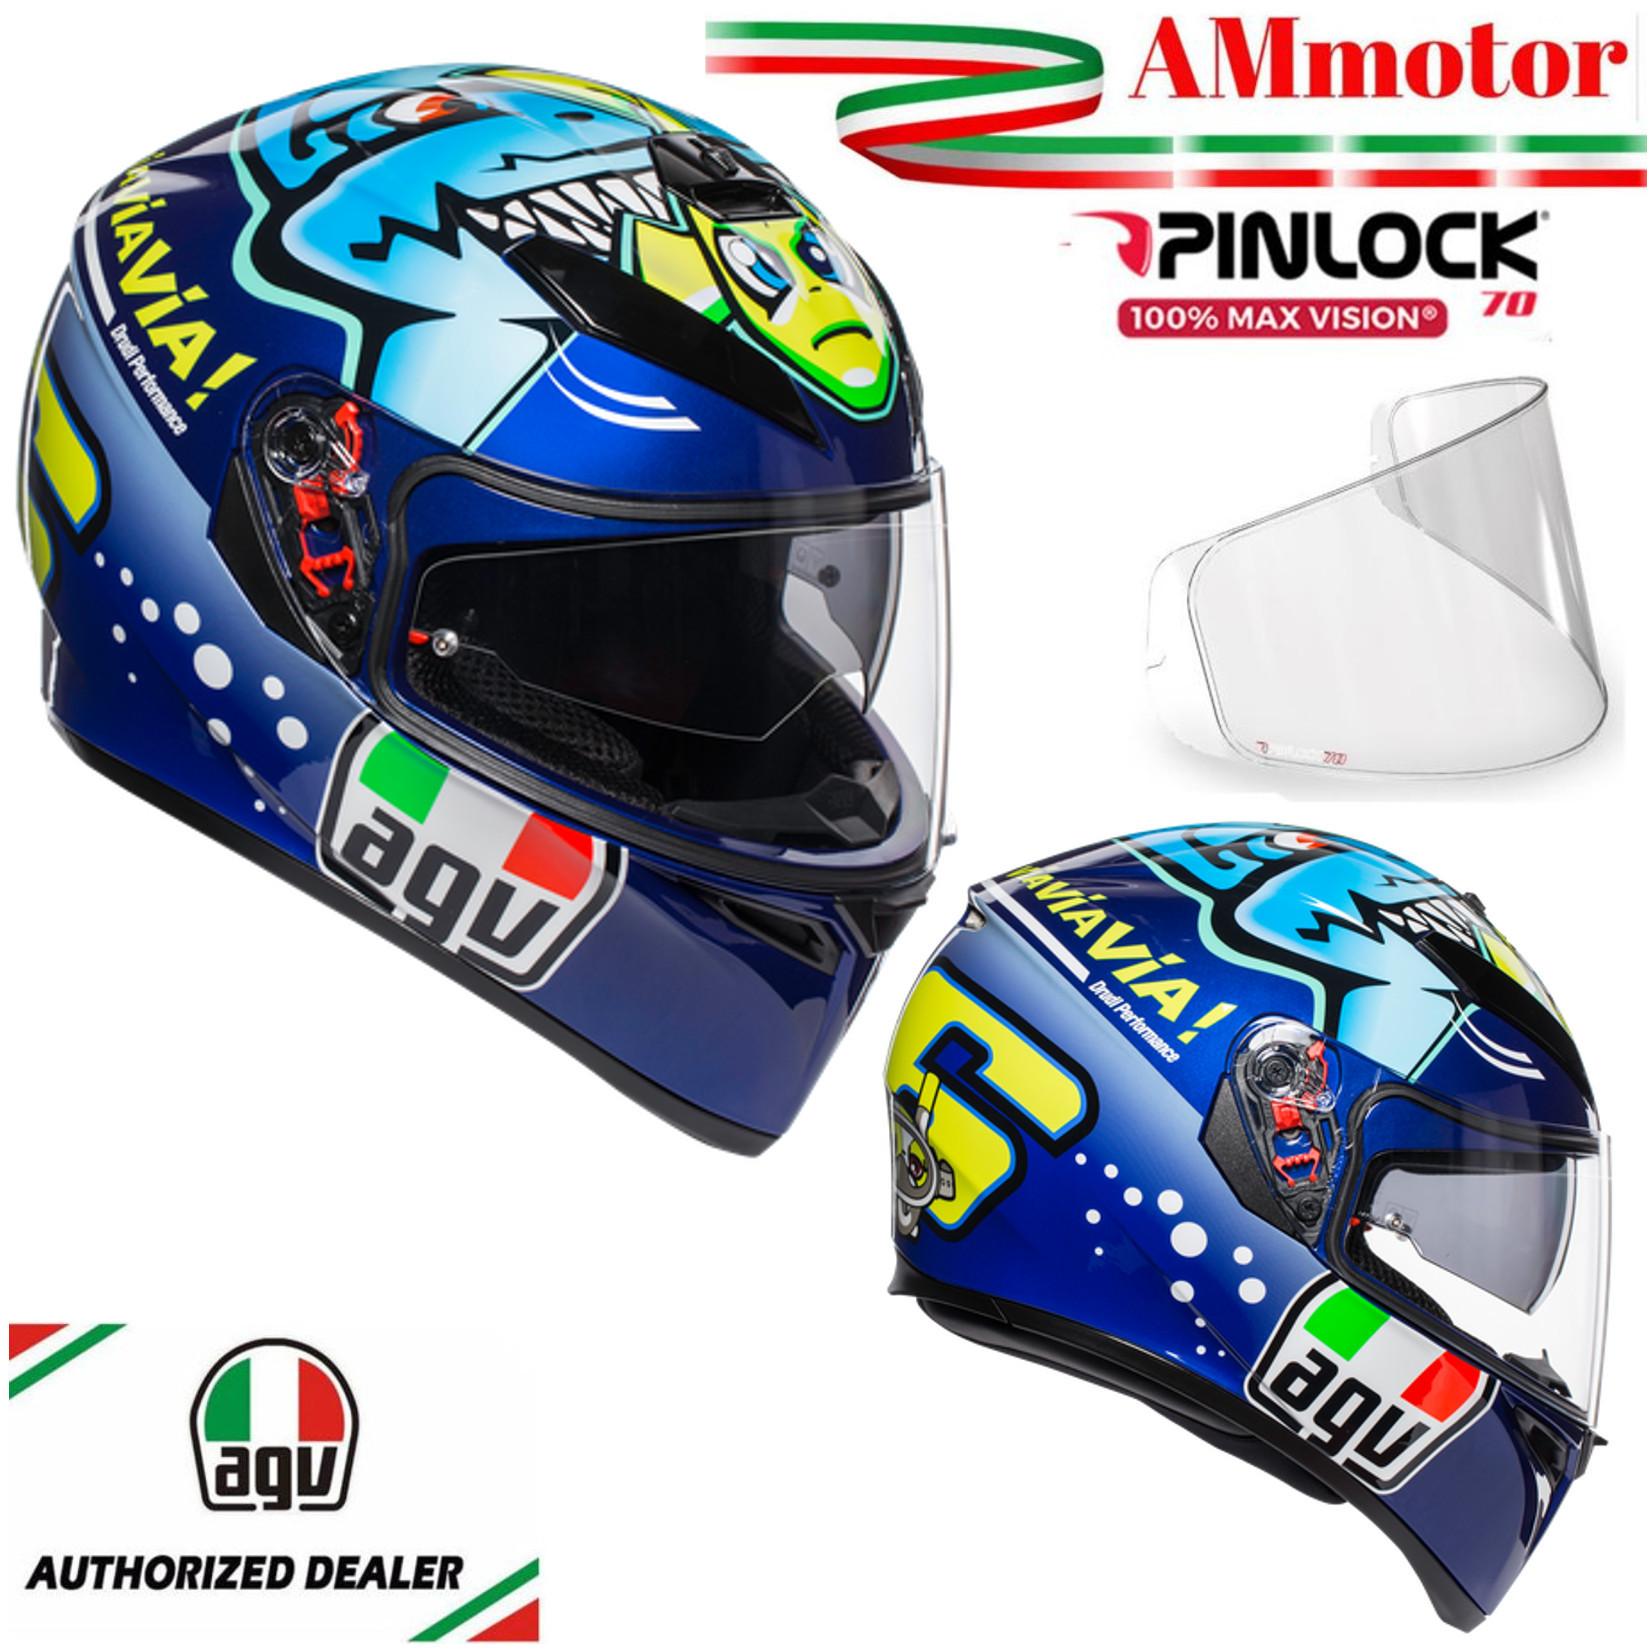 Casco Agv K3 Sv Top Misano 2014 Valentino Rossi MS 57 Pinlock Integrale Moto